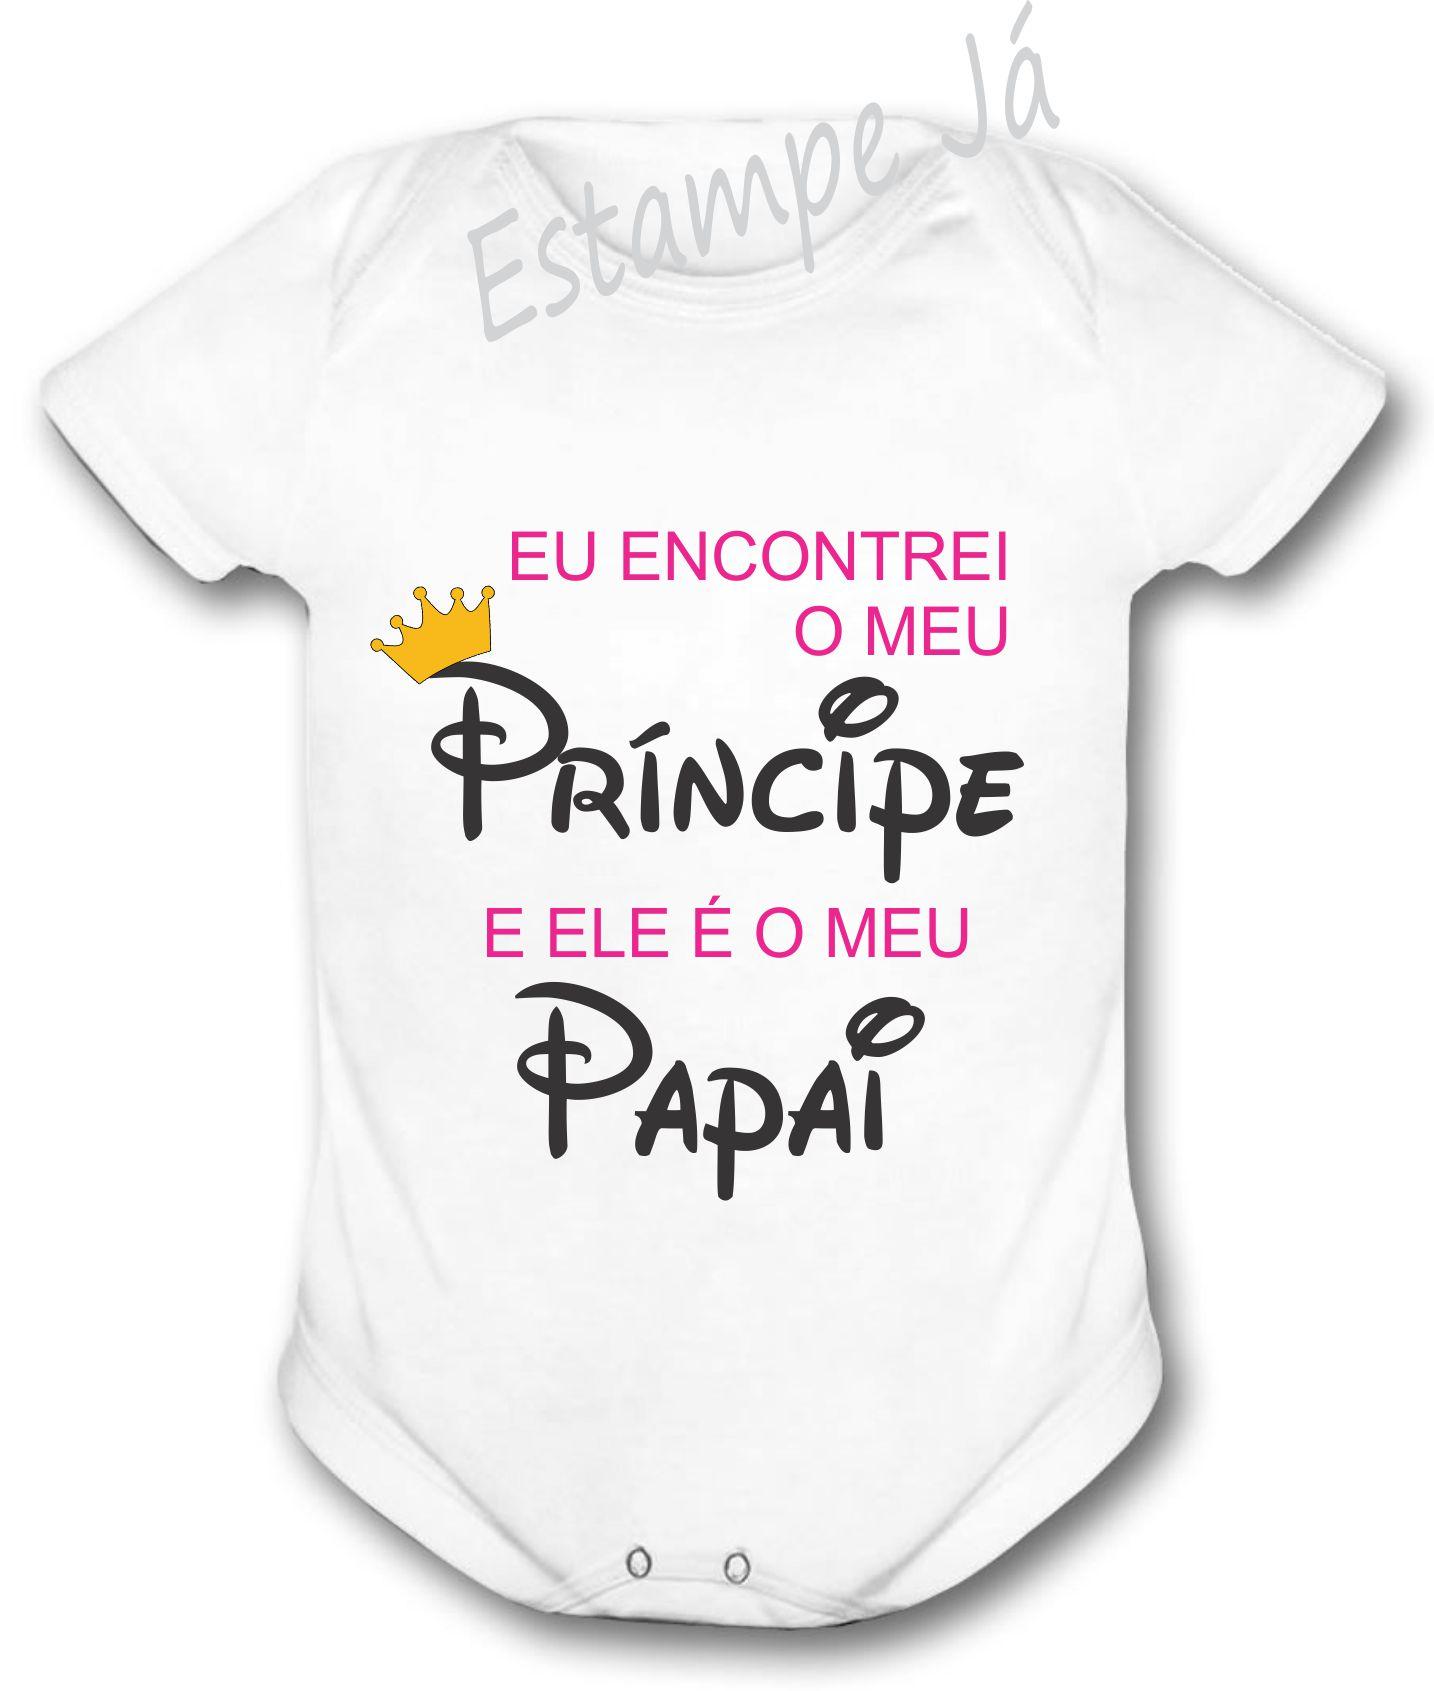 Body Personalizado Para O Dia Dos Pais Bori Para O Papai No Elo7